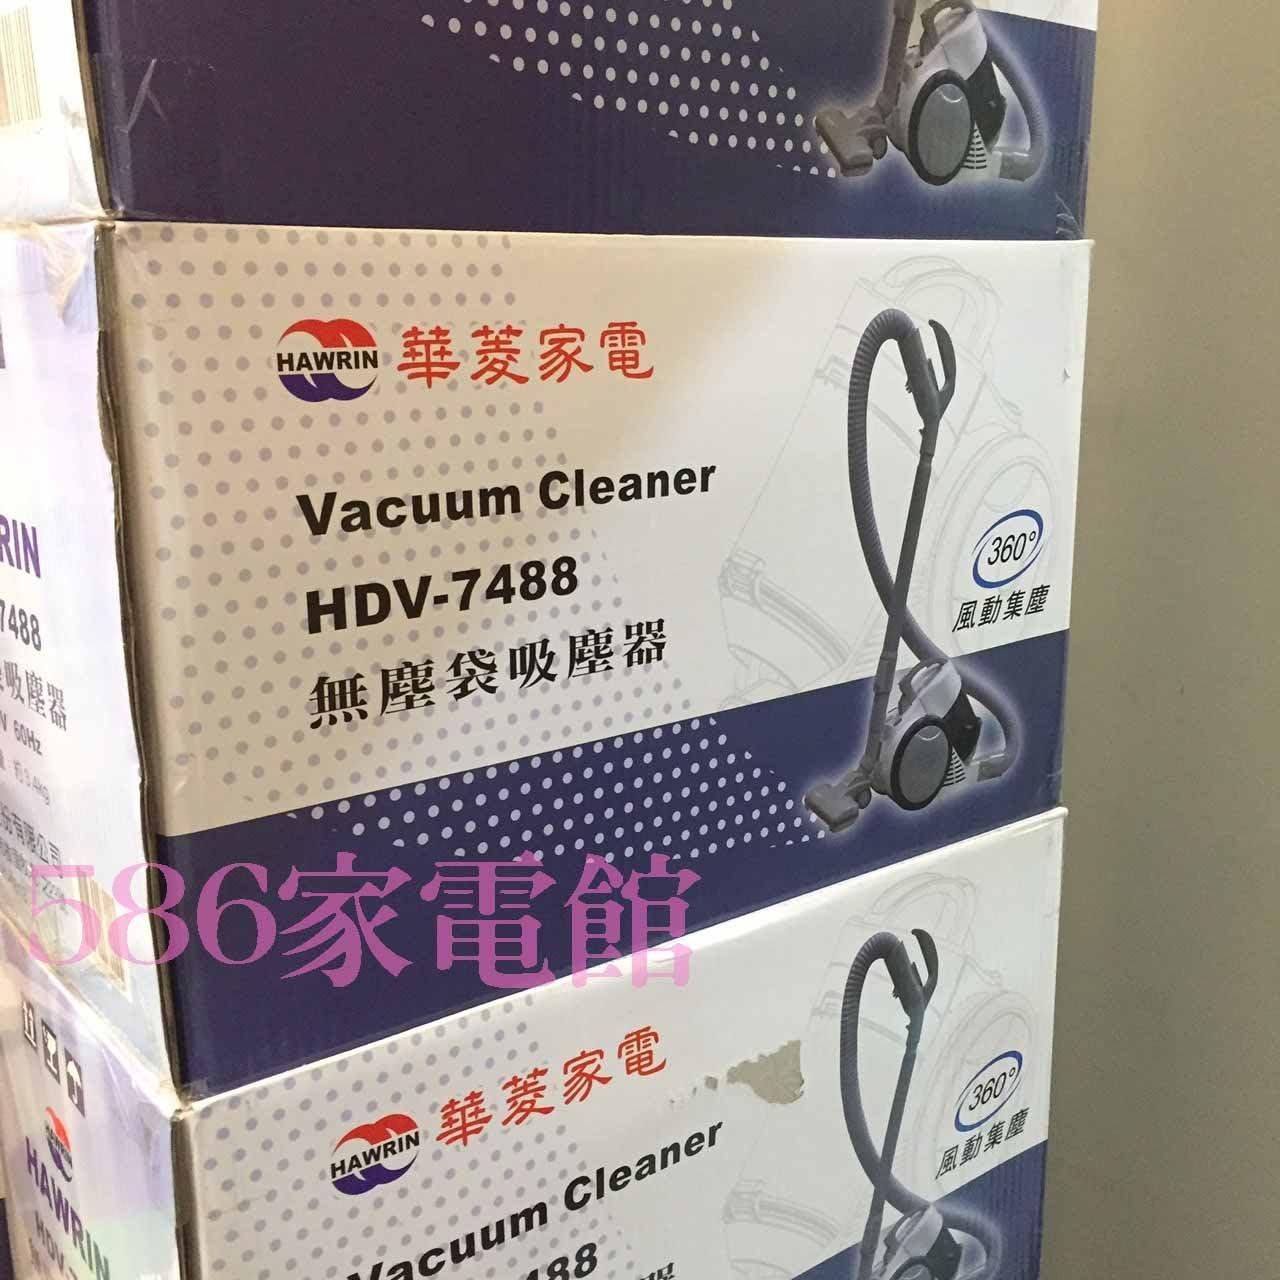 庫存出清~《586家電館》HAWRIN華菱吸塵器超強吸力【HDV-7488】